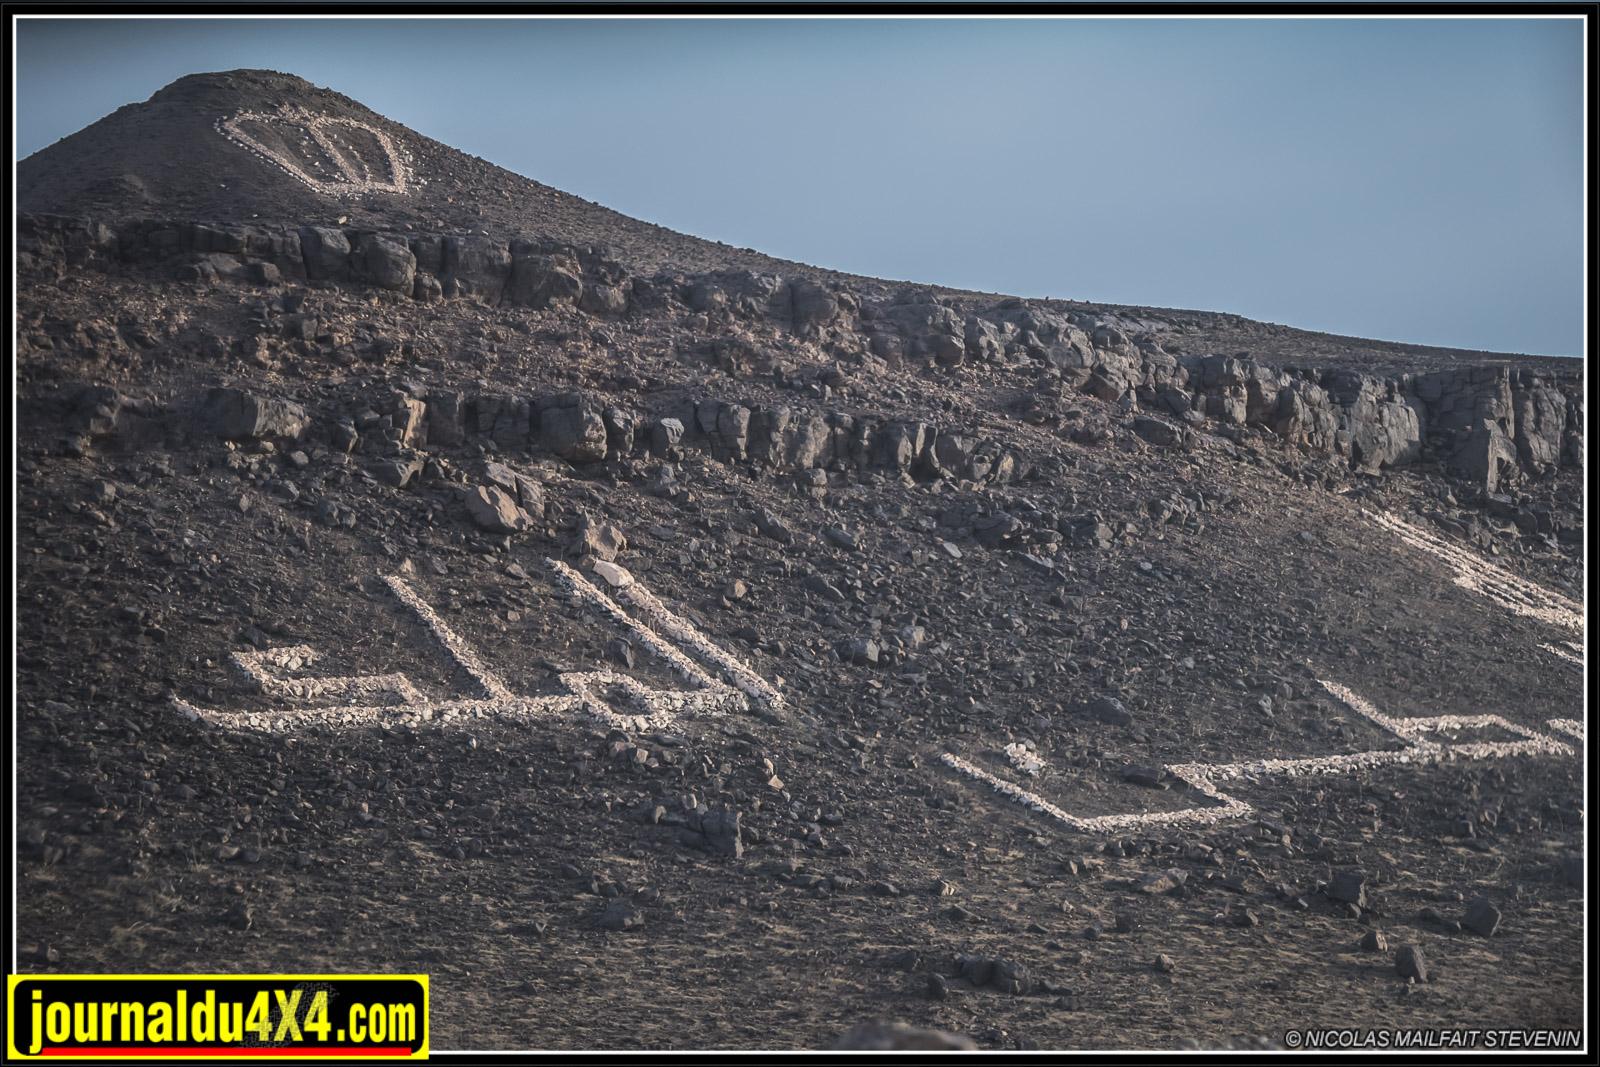 rallye-aicha-gazelles-maroc-2017-6974.jpg